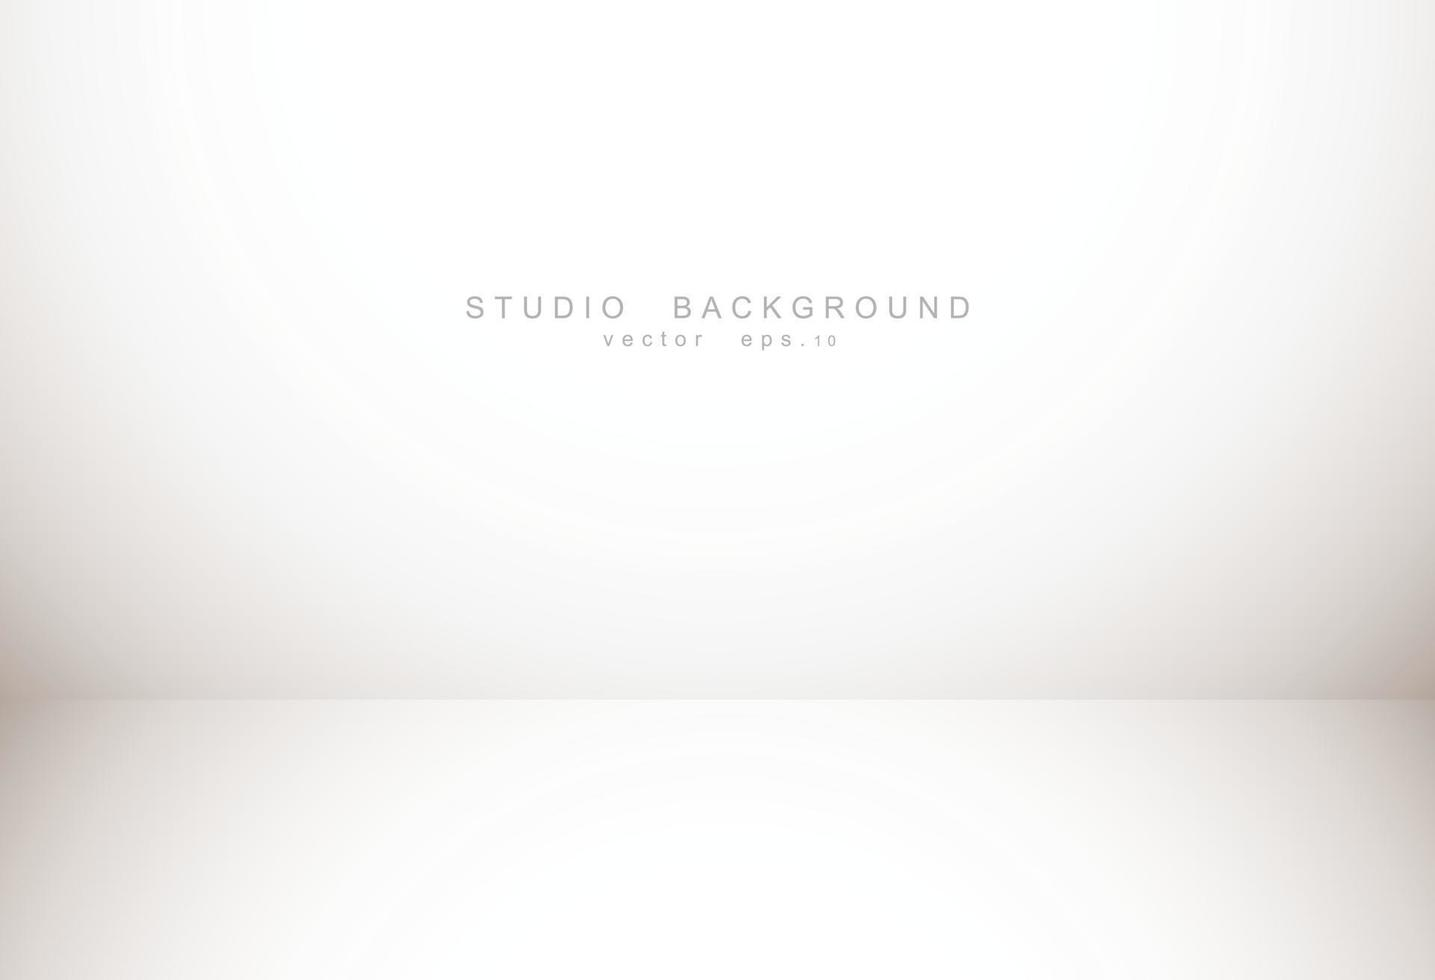 luxe abstrait dégradé brun pastel vide avec vignette marron frontière, affichage de toile de fond studio de produit, toile de fond de l'entreprise. illustration vectorielle. vecteur